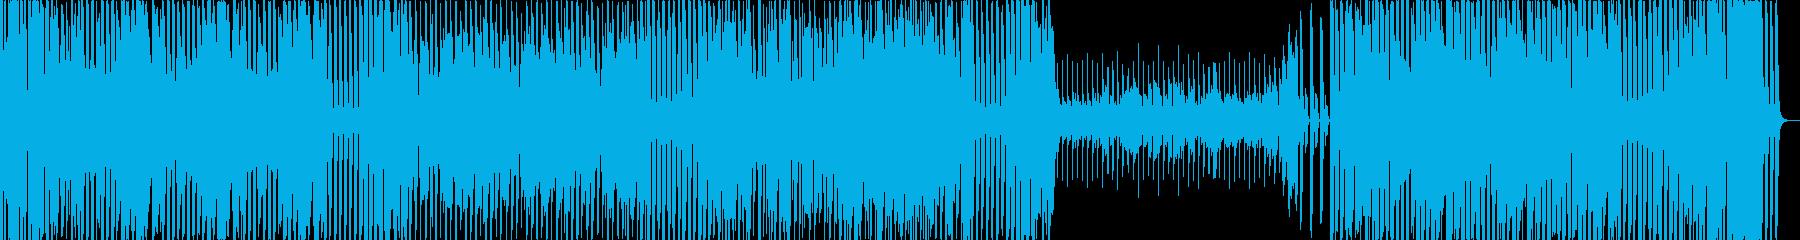 IDLE昭和のキュートなアイドルソングの再生済みの波形